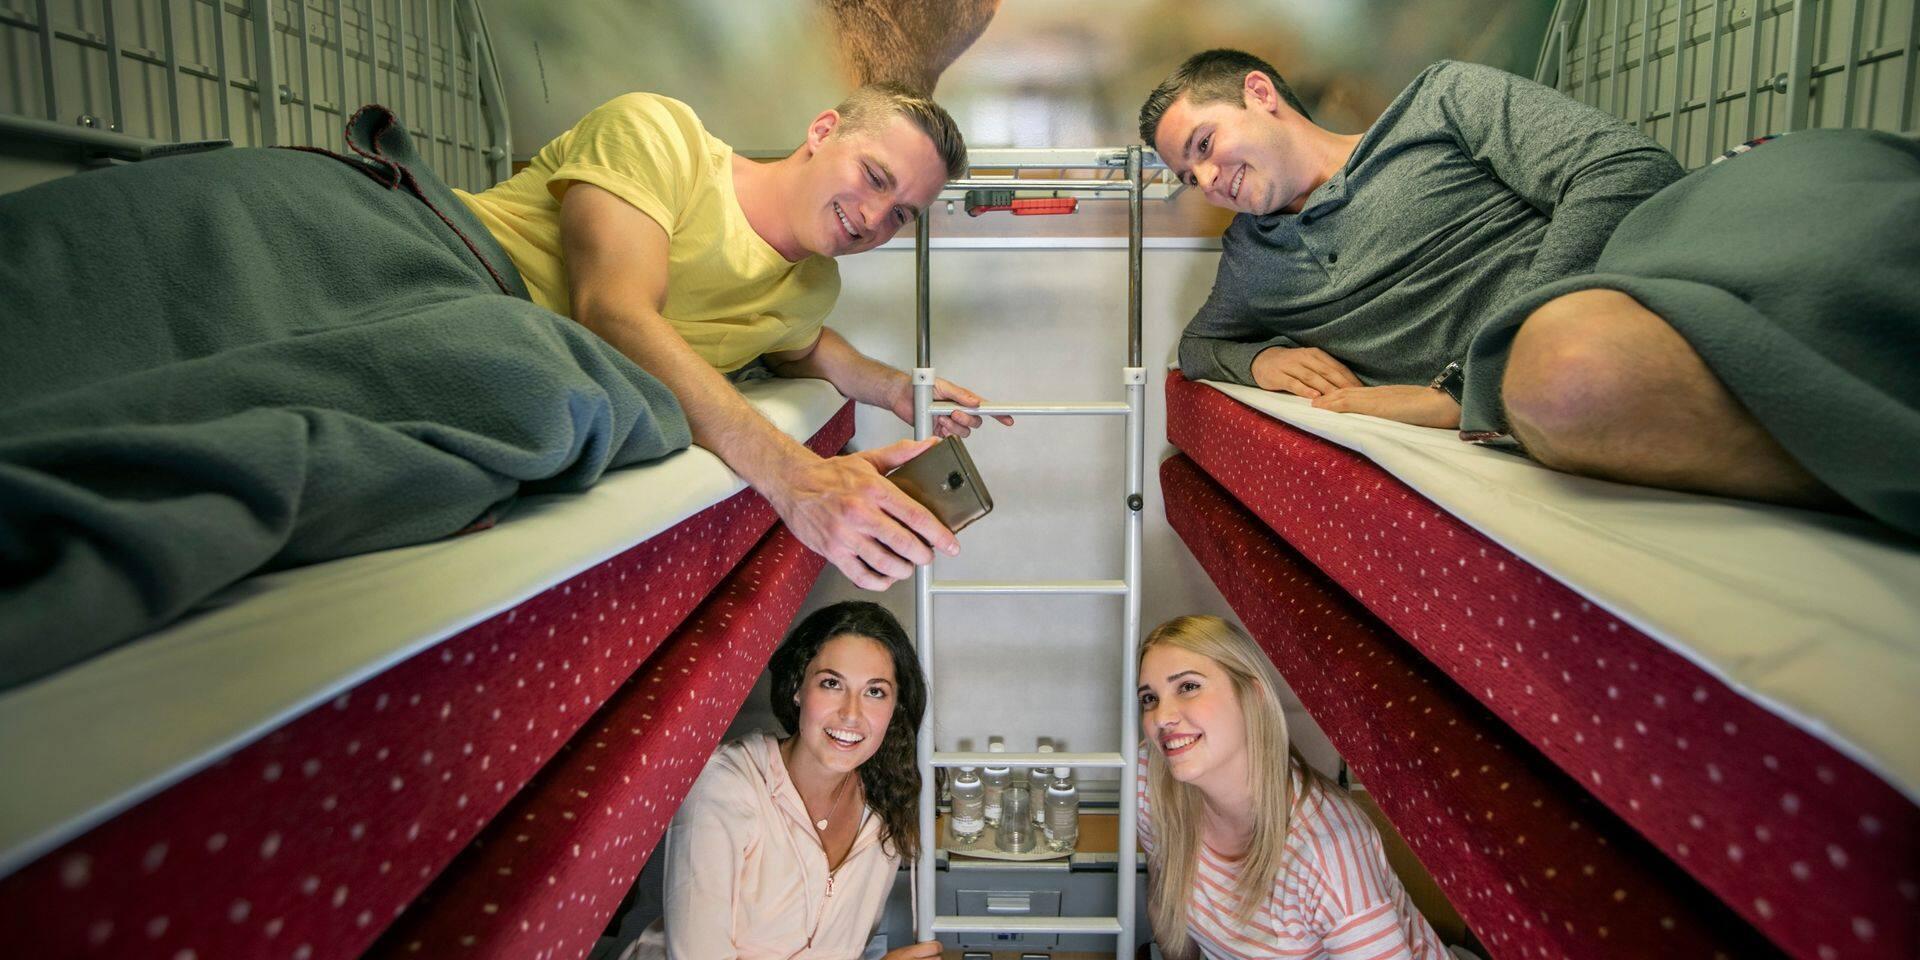 Tarifs, horaires, fréquence, confort, gain écologique: tout ce qu'il faut savoir sur le train de nuit qui relie désormais Bruxelles à Vienne